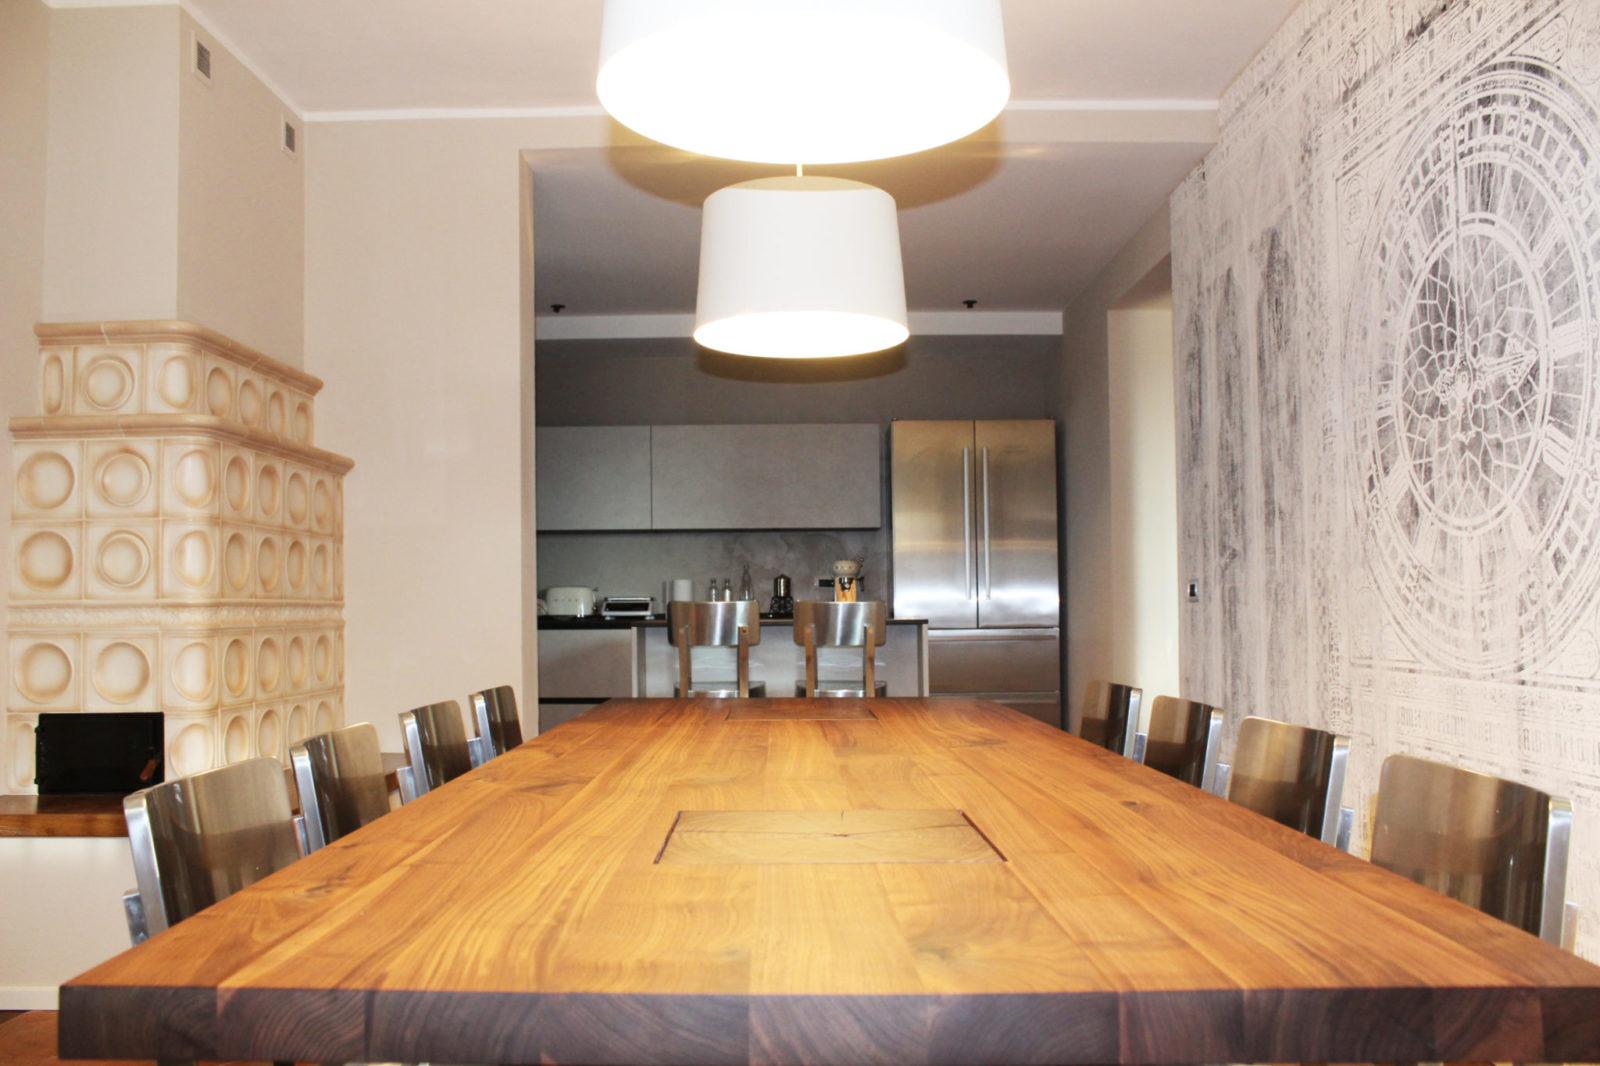 Ristrutturazione casa di campagna istruzioni pratiche e idee for Casa ristrutturazione idee